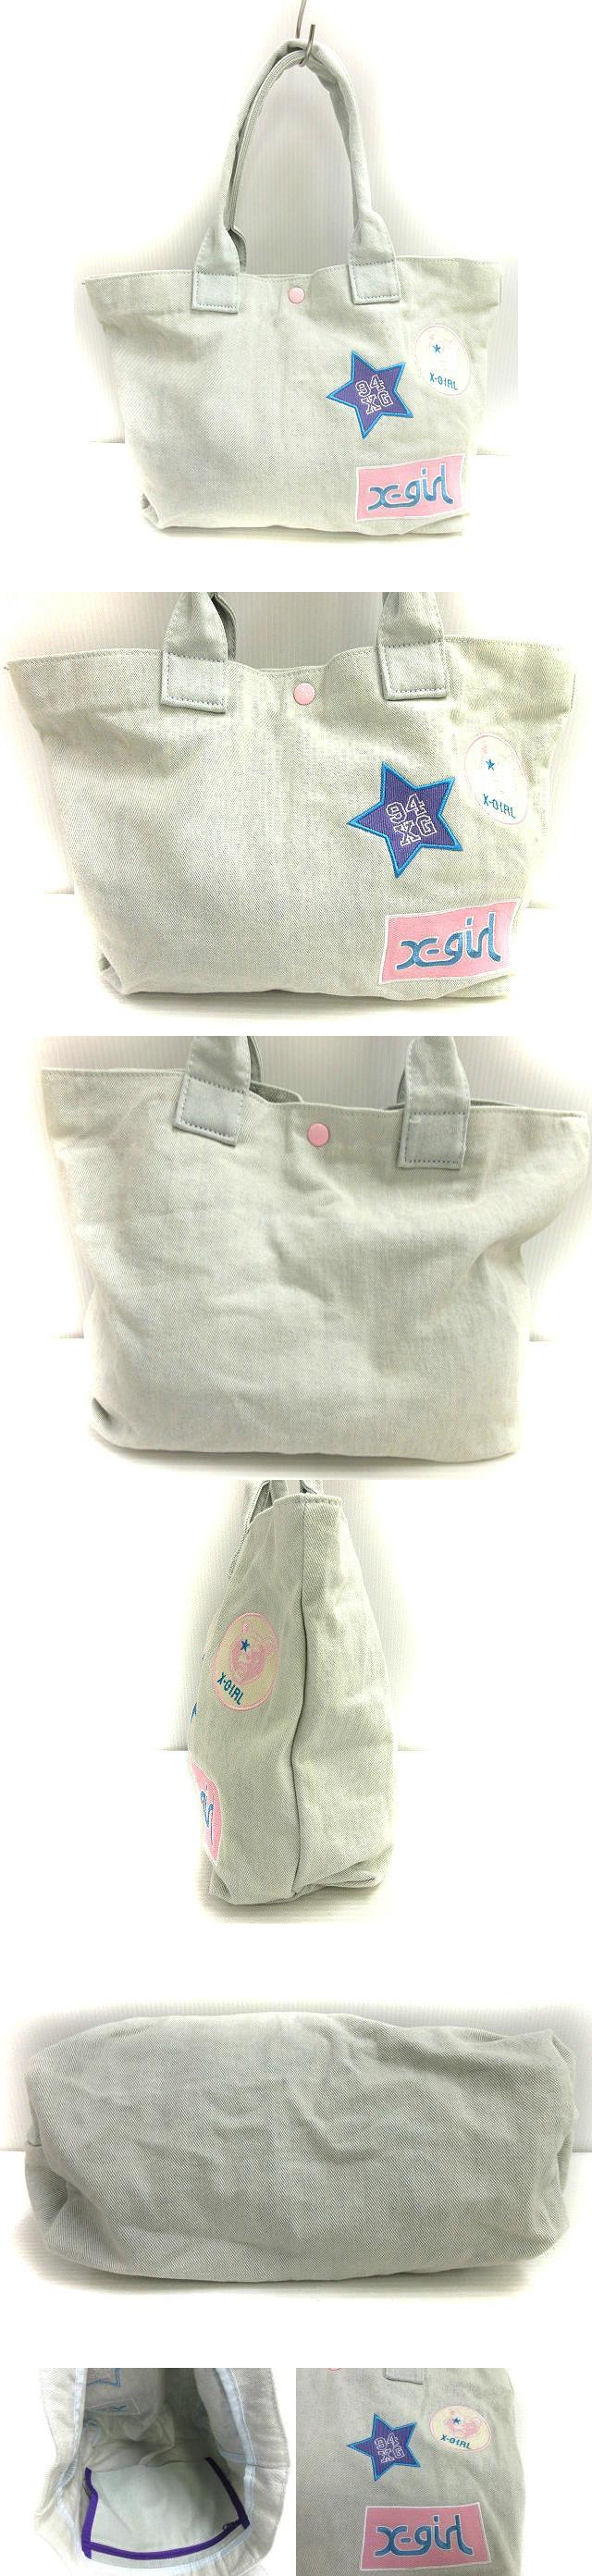 トート バッグ ハンド 手提げ ブルー系 ロゴ 鞄 カバン